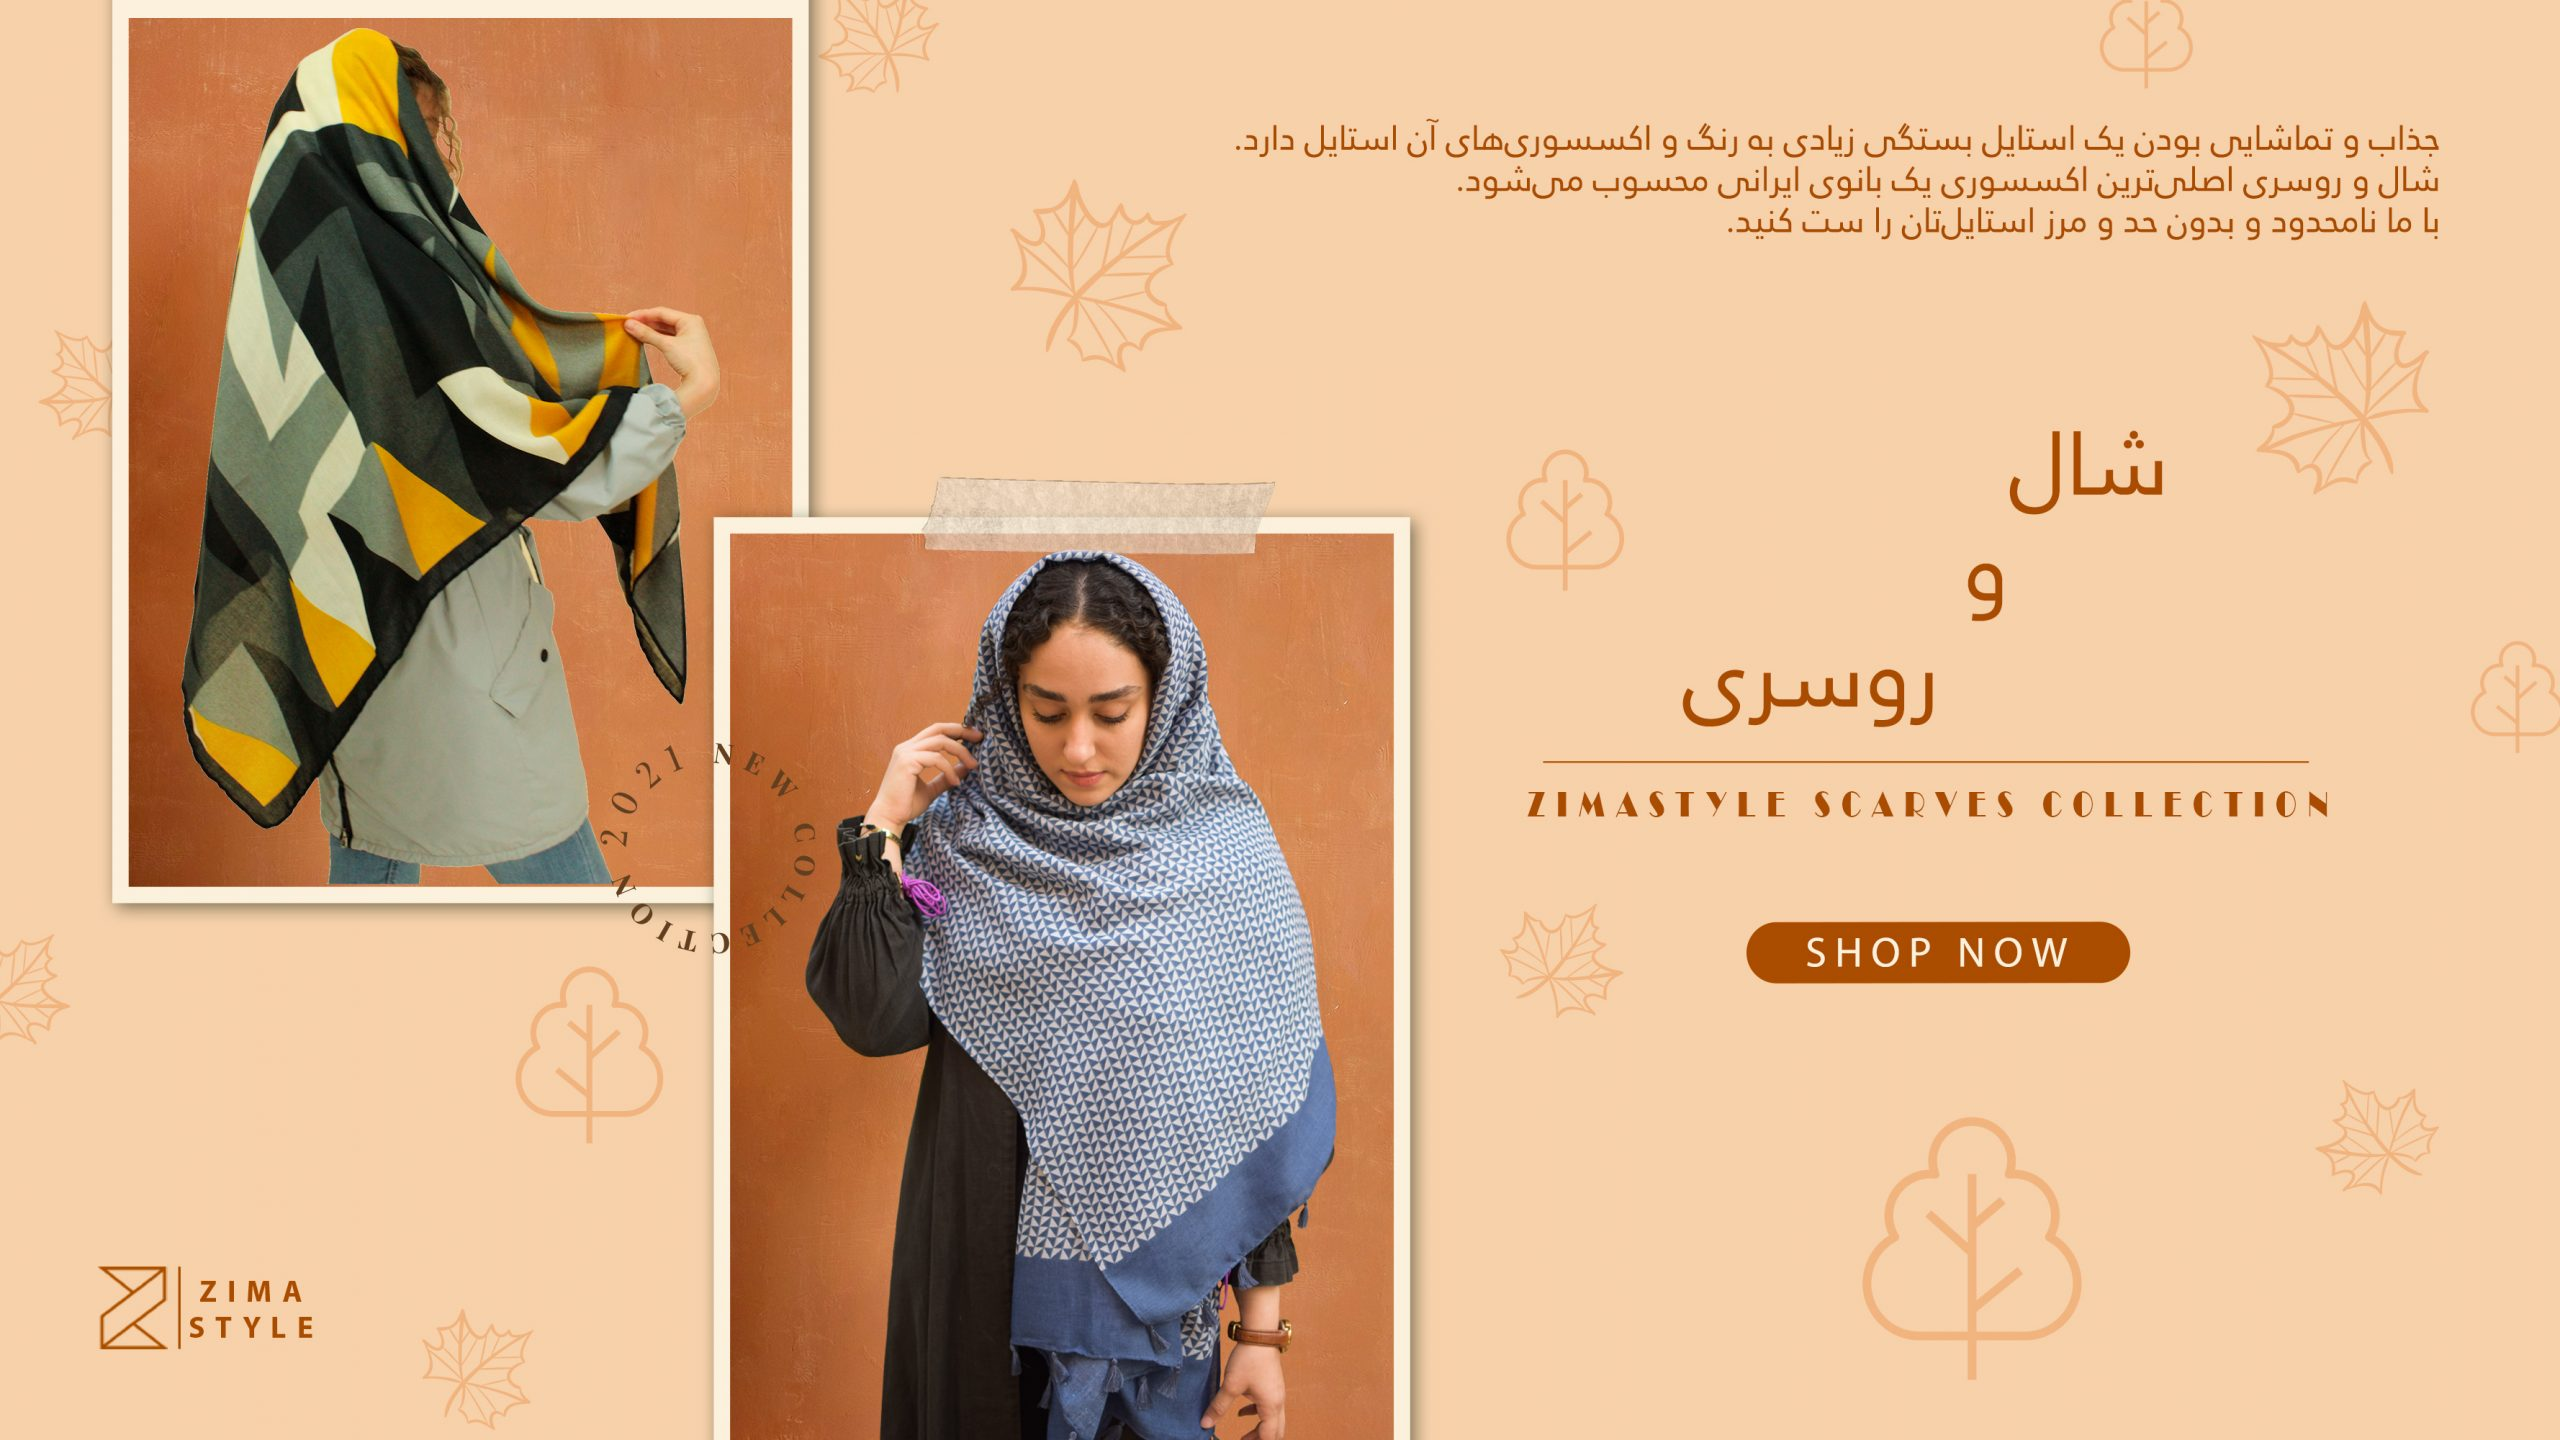 کالکشن شال و روسری پاییزه ۱۴۰۰ زیما استایل